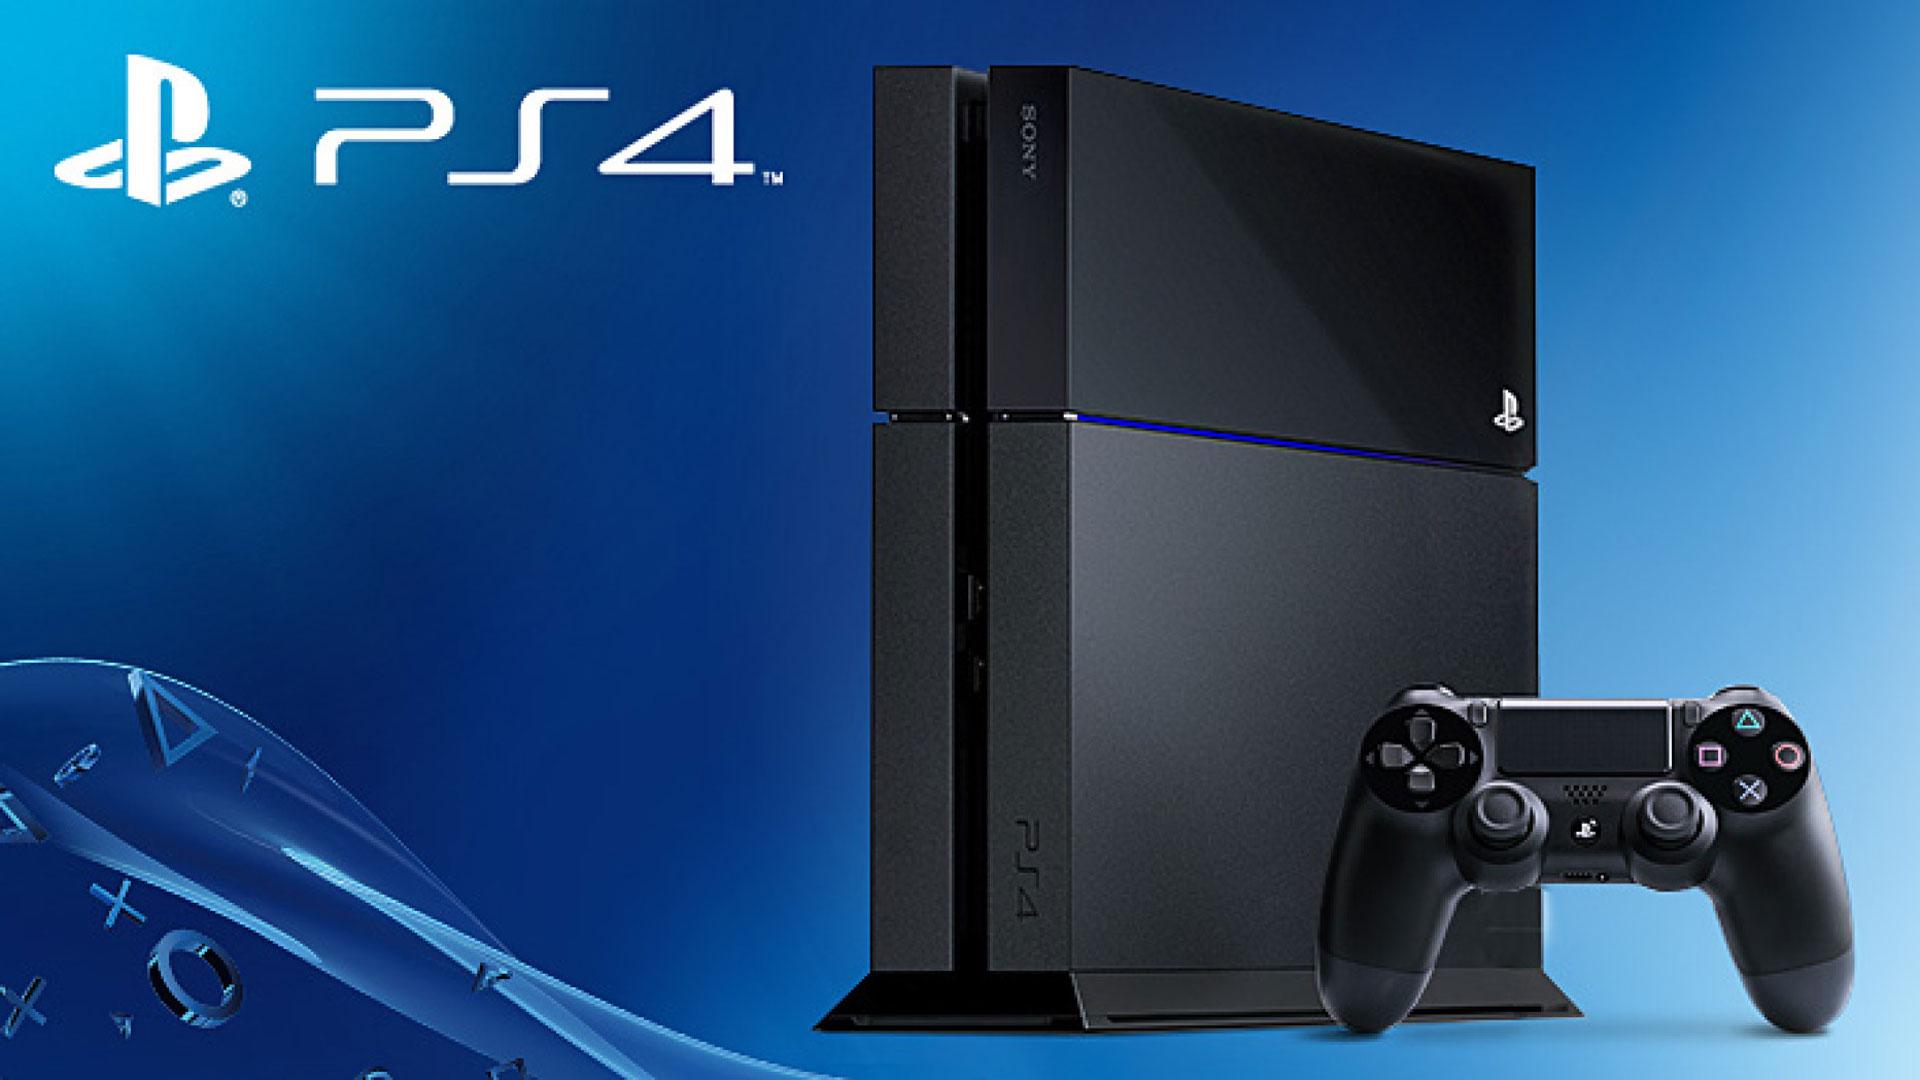 یوشیدا از قیمت بازی های PS2 بر روی PS4 دفاع می کند